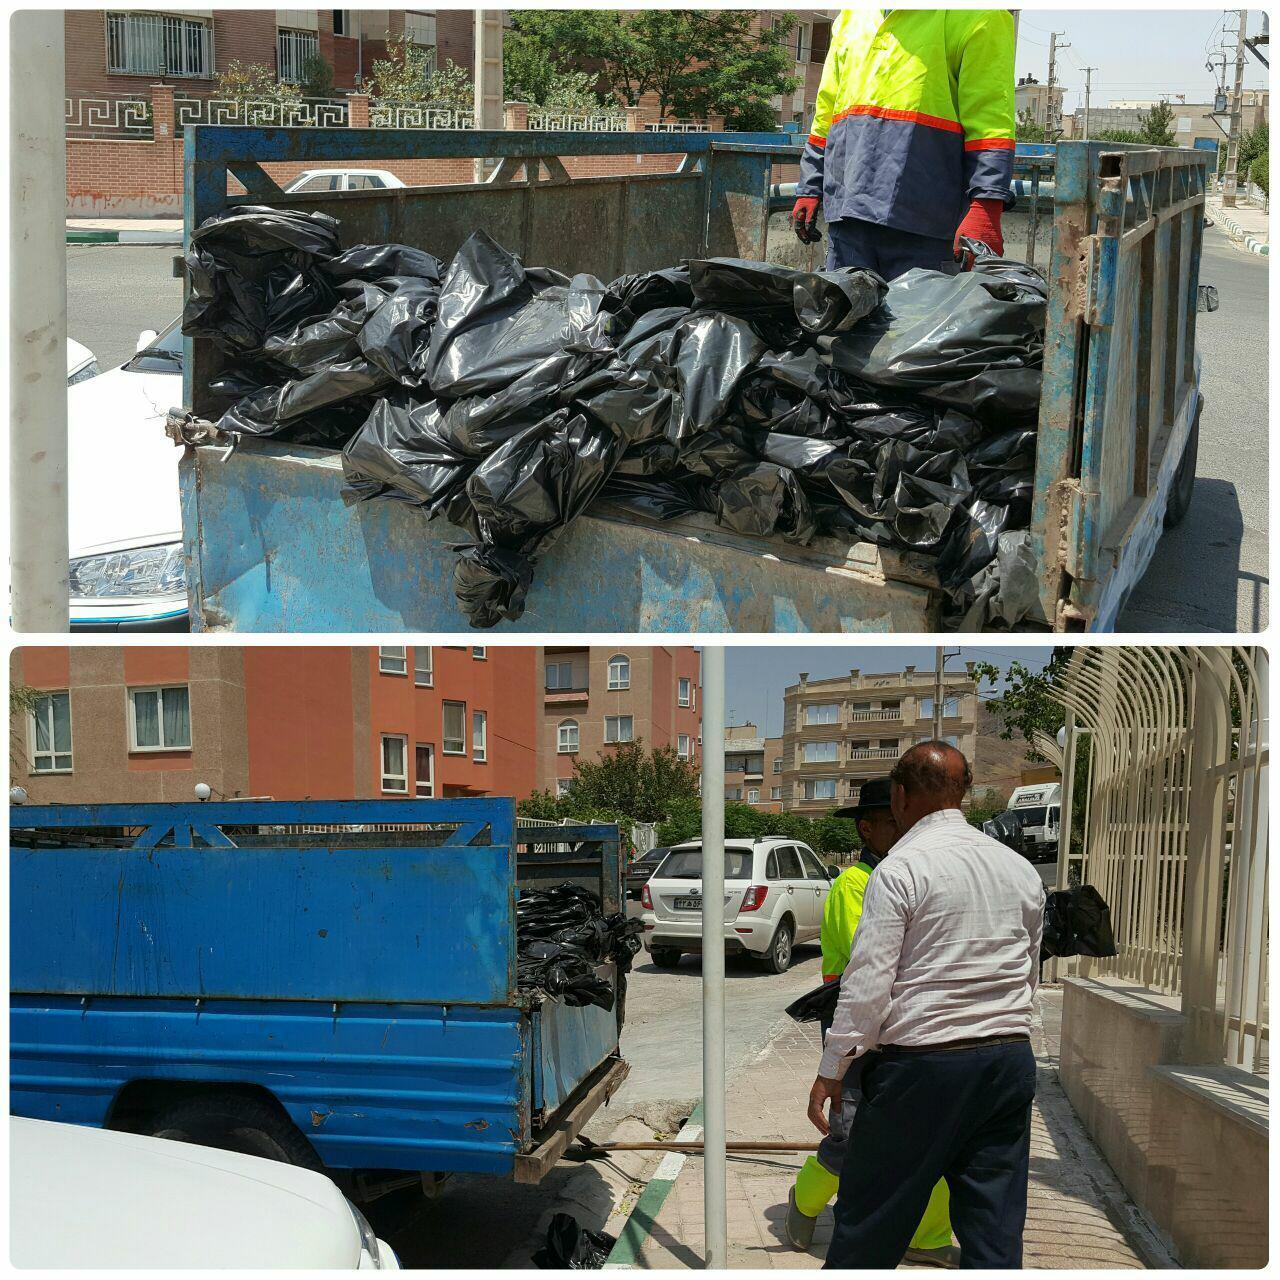 توزیع رایگان کیسه های زباله در شهر پرند